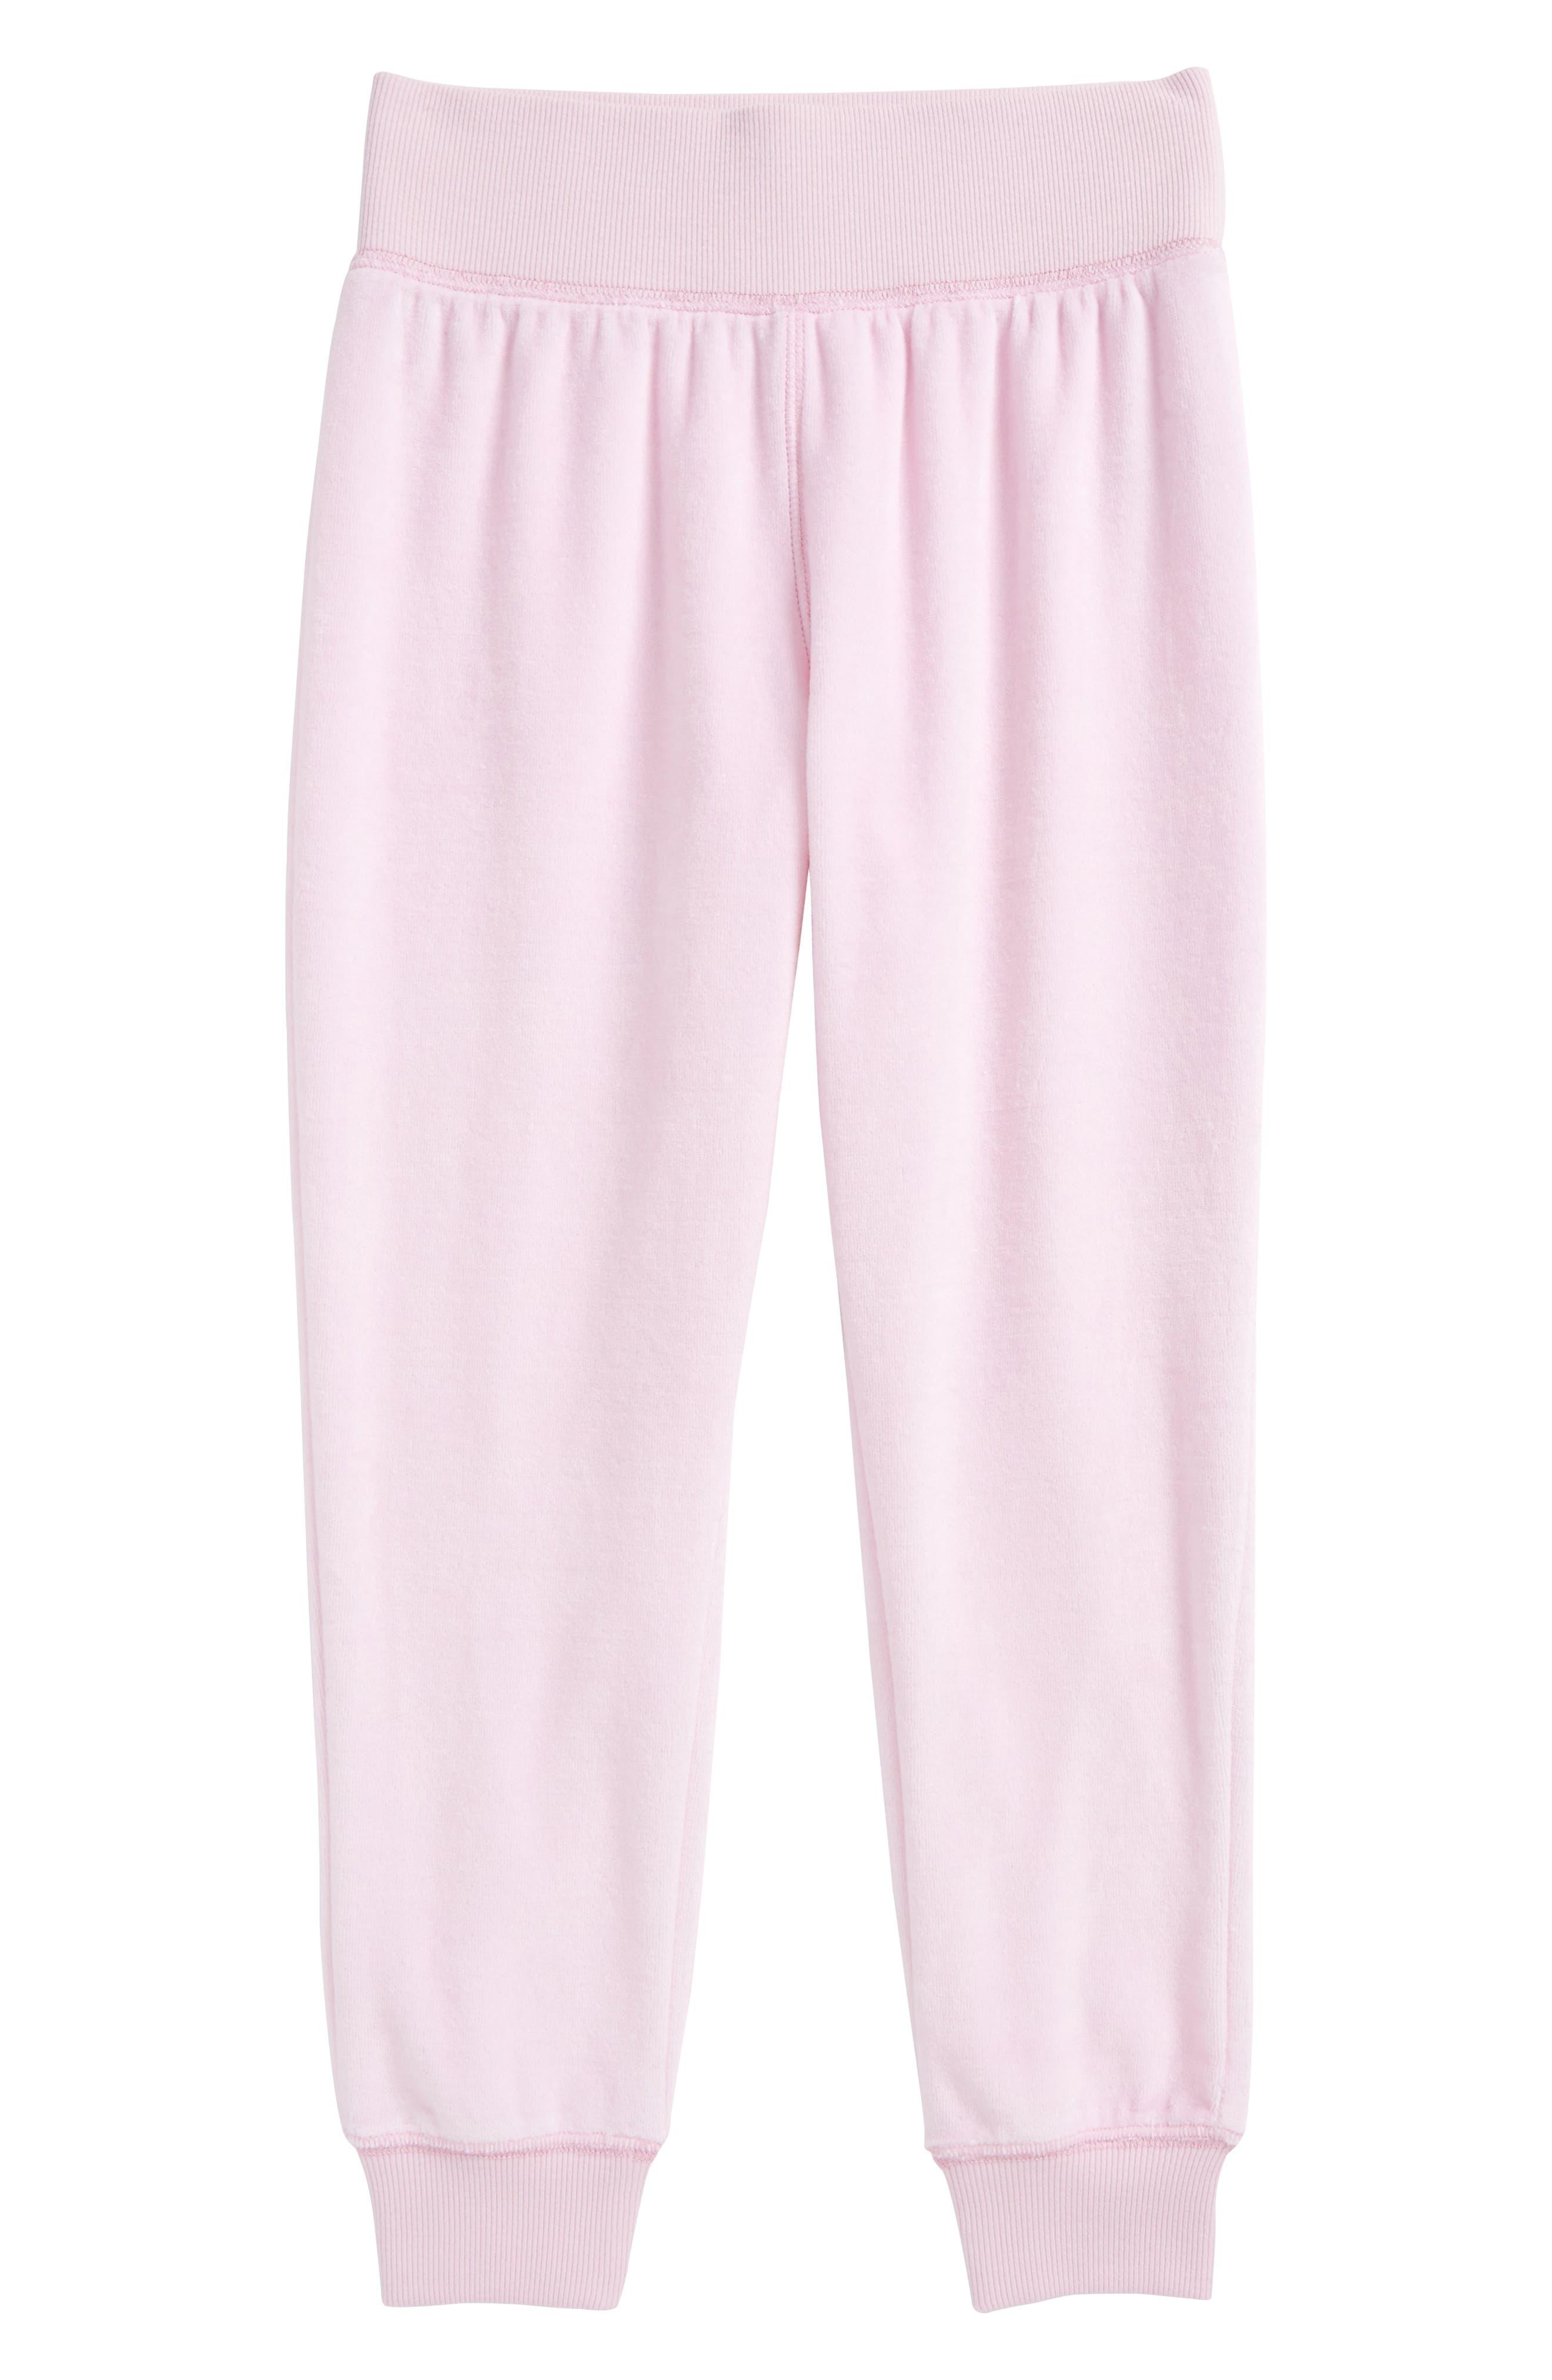 Zella High Waist Velour Jogger Pants (Little Girls & Big Girls)